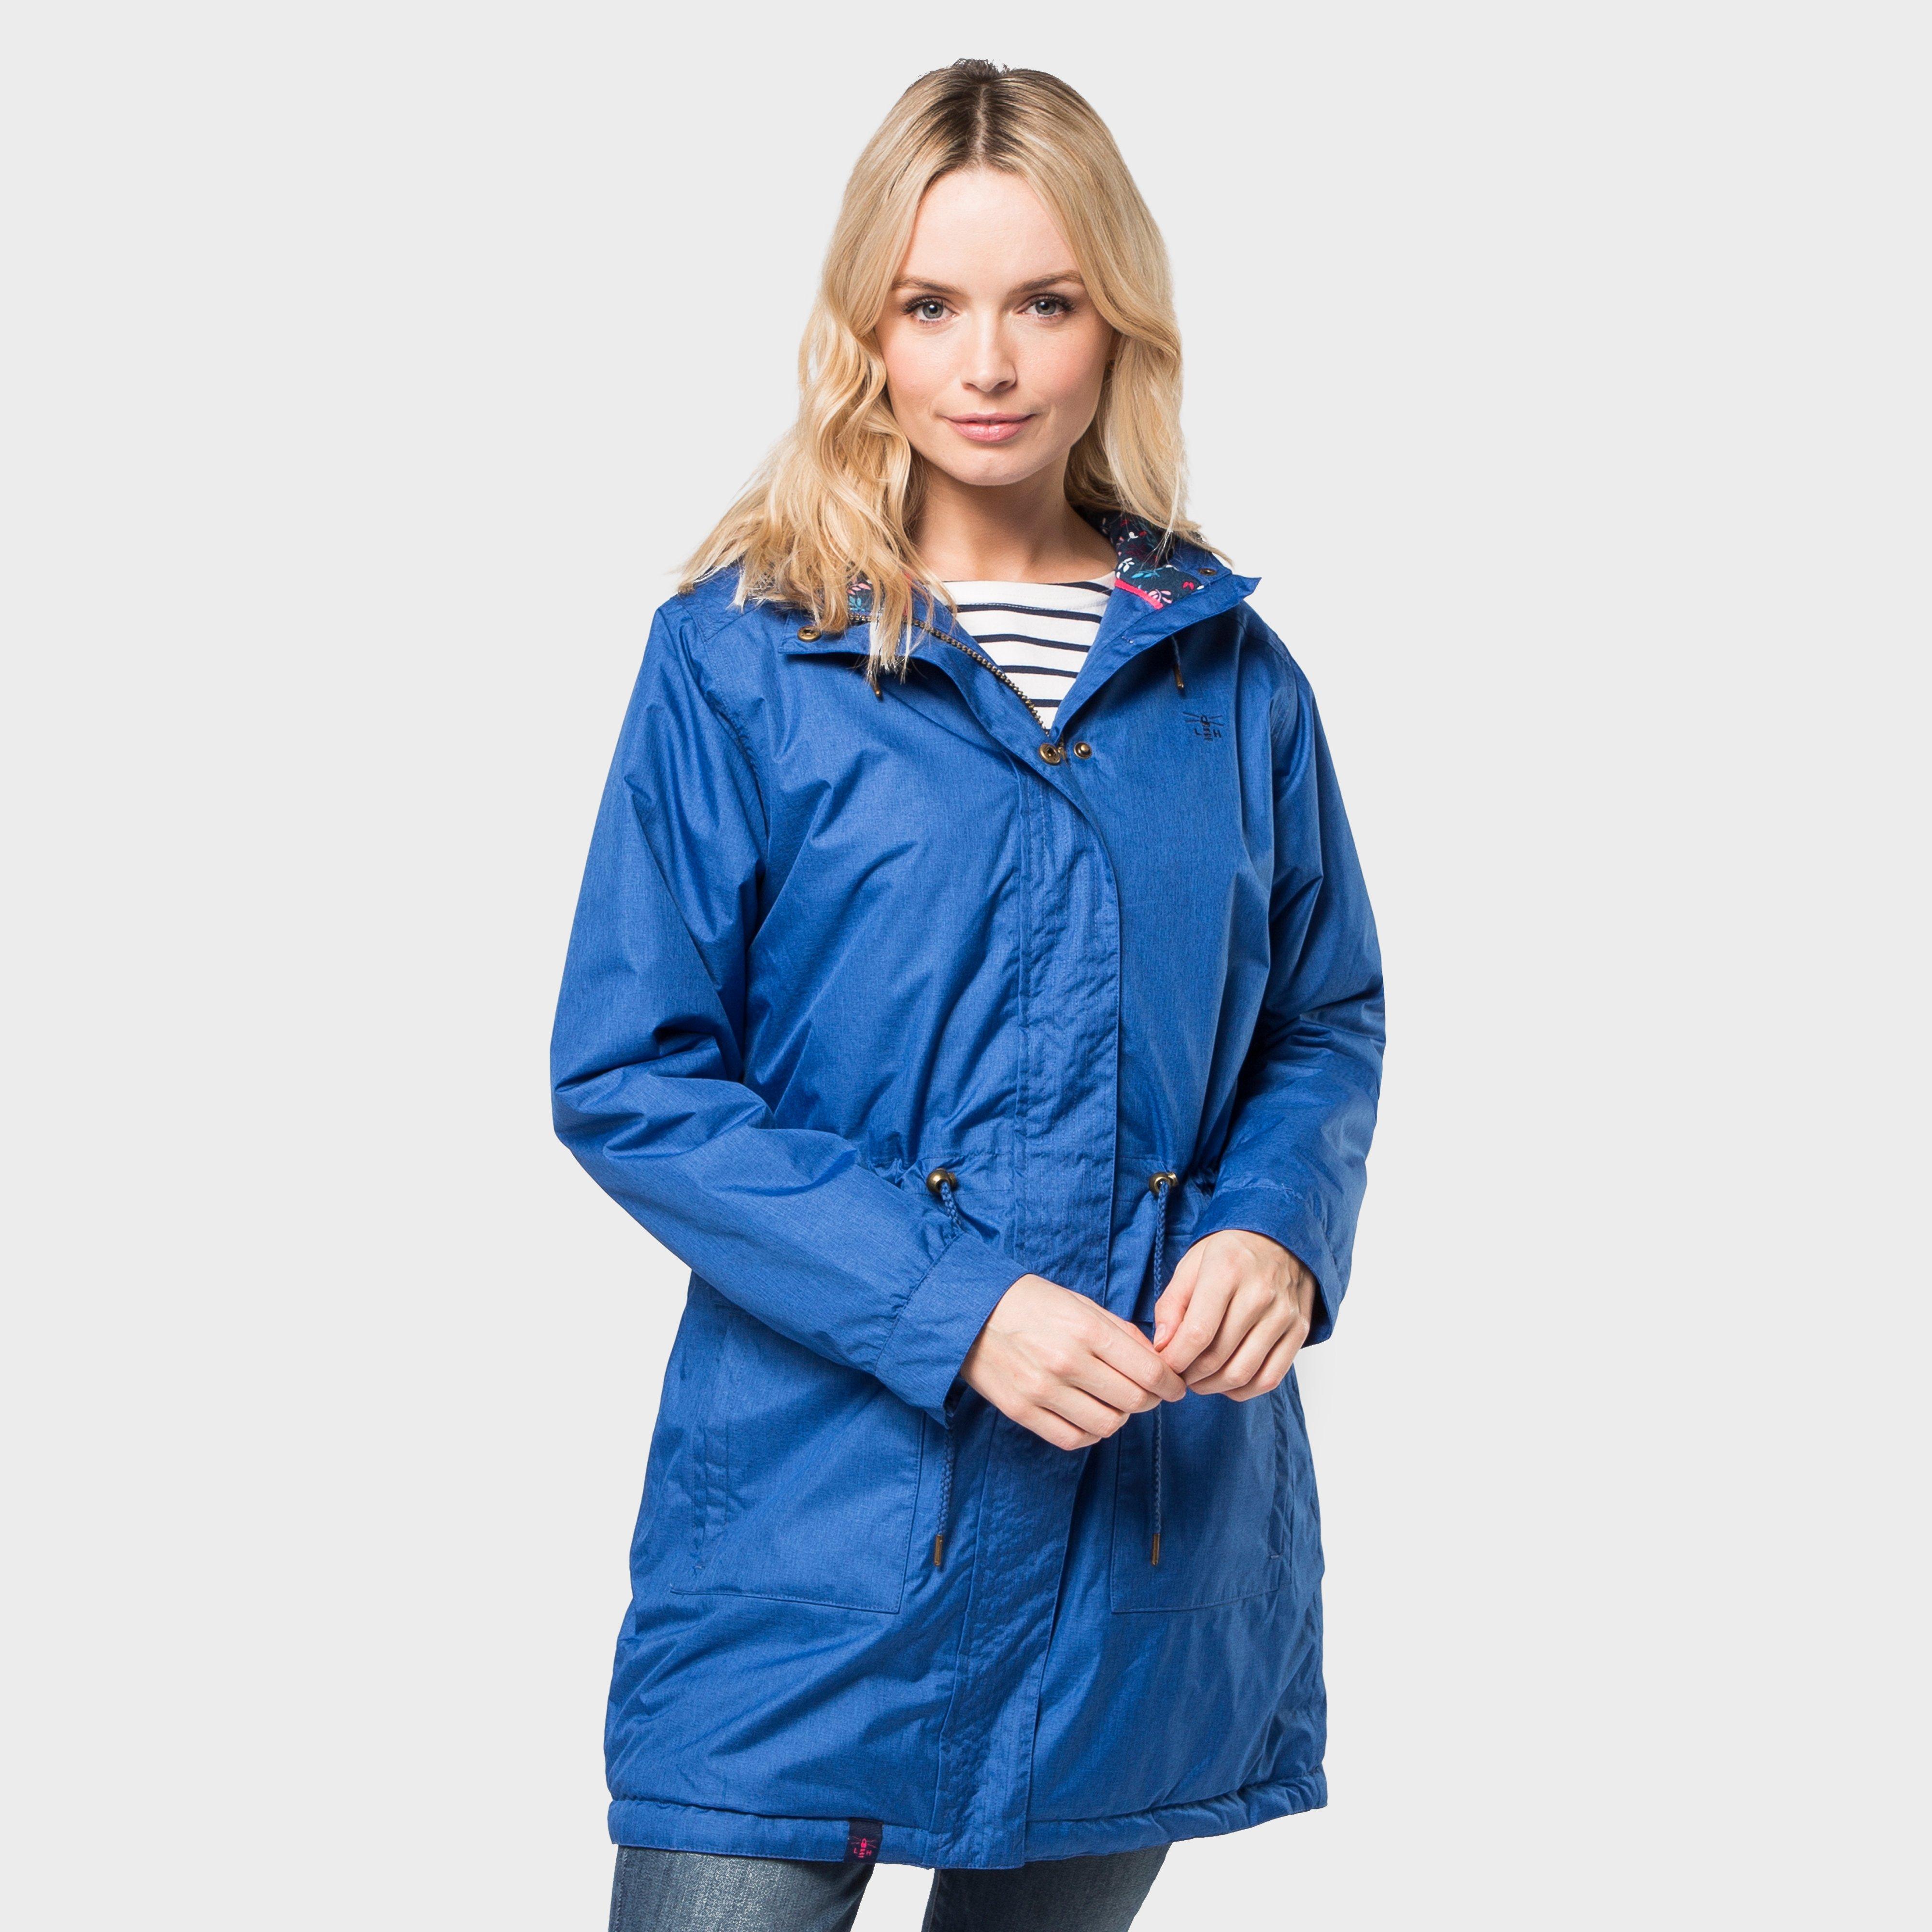 Lighthouse Lighthouse womens Lauren Waterproof Jacket - Blue, Blue